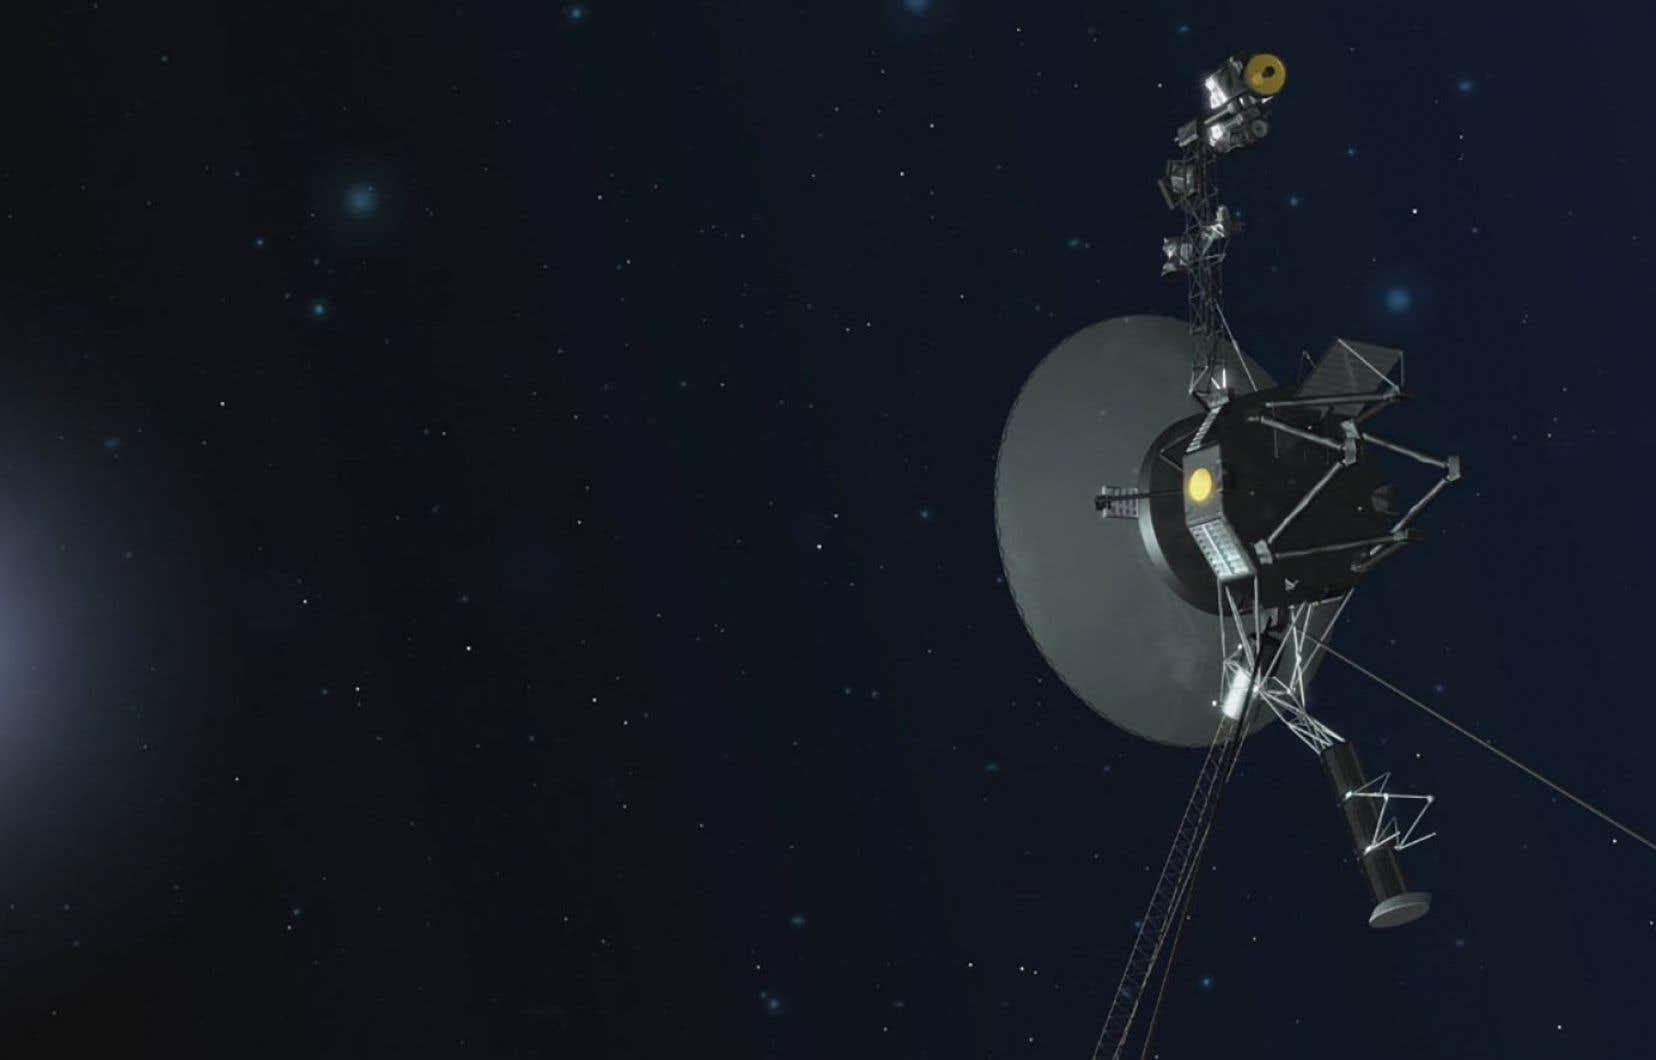 Représentation artistique de l'un des vaisseaux spatiaux Voyager